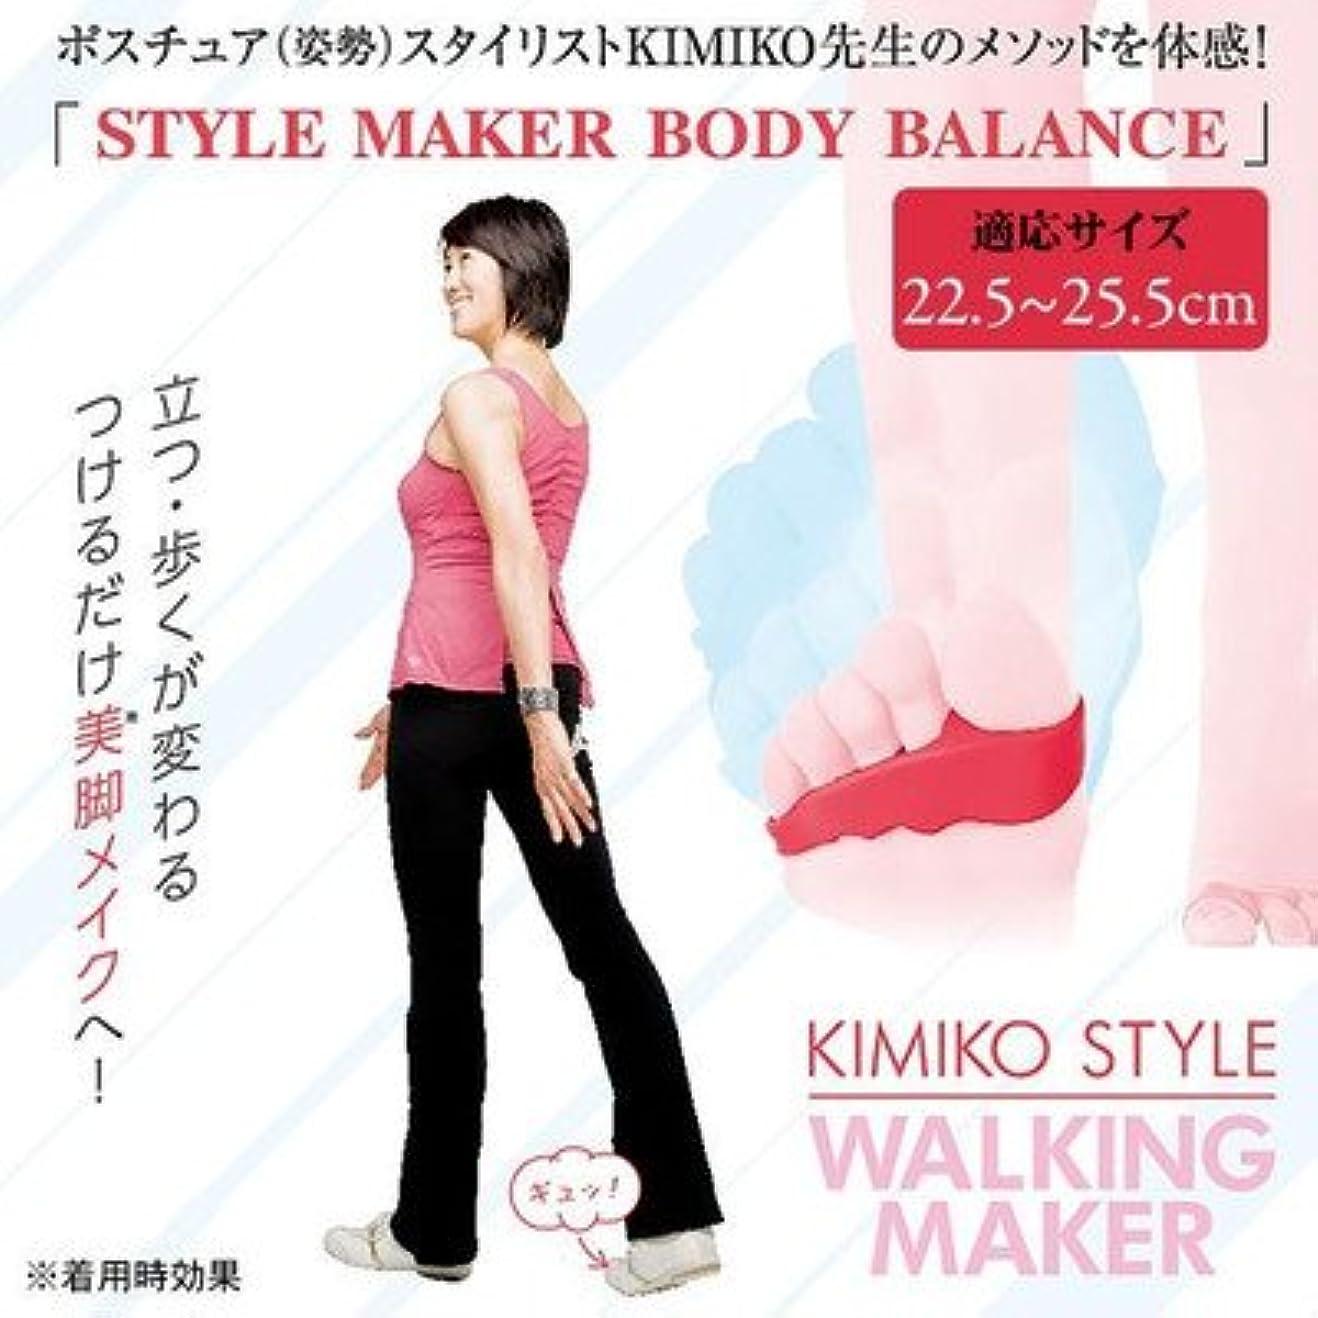 結核ステープルおもしろい付けて歩いて 正しい歩行姿勢へナビゲート KIMIKO STYLE キミコスタイル WALKING MAKER ウォーキングメーカー 1足入